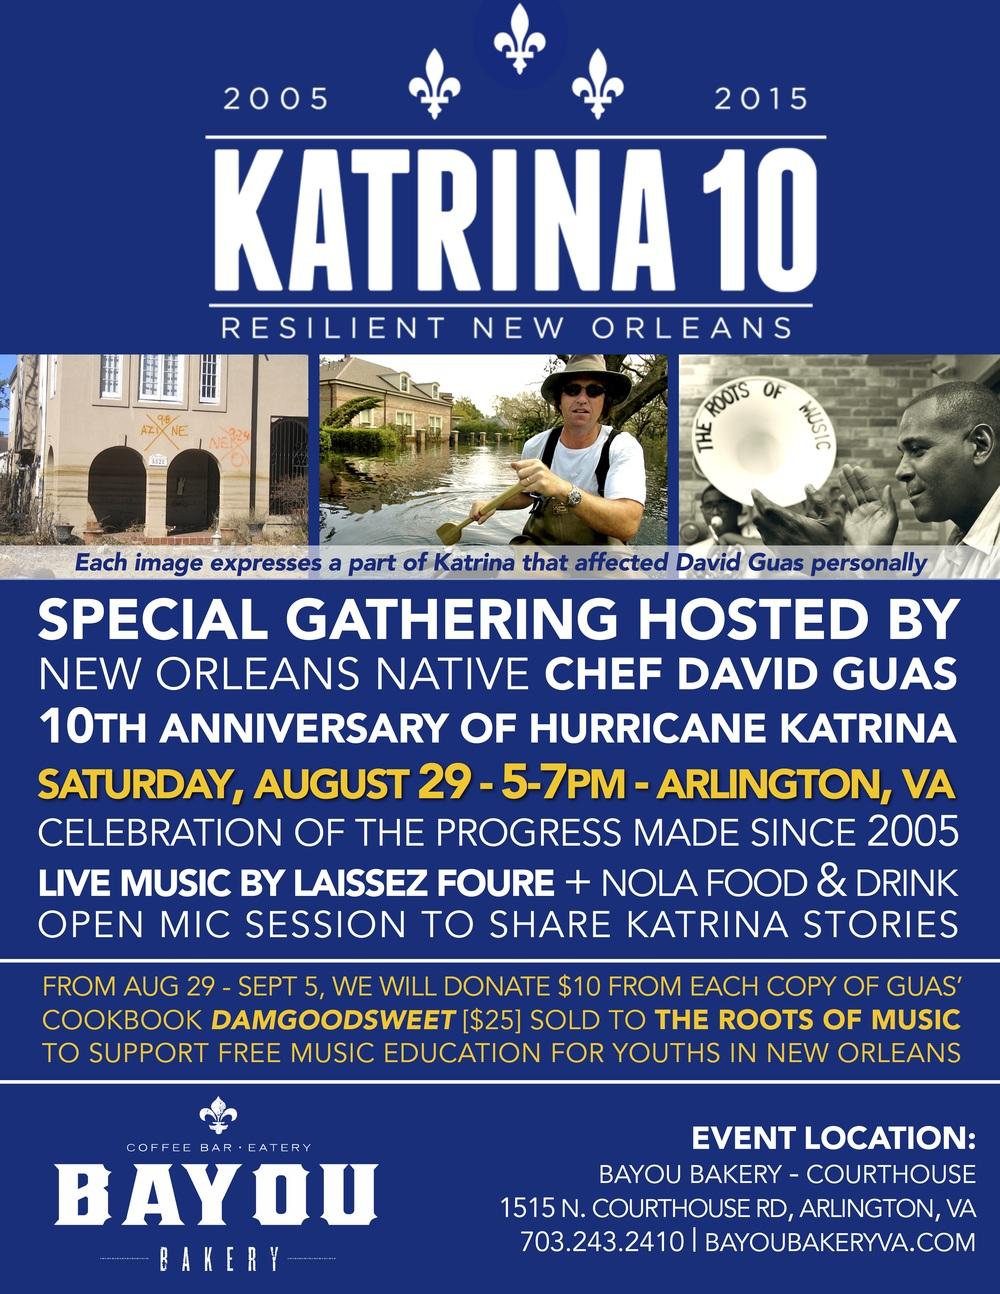 Katrina10